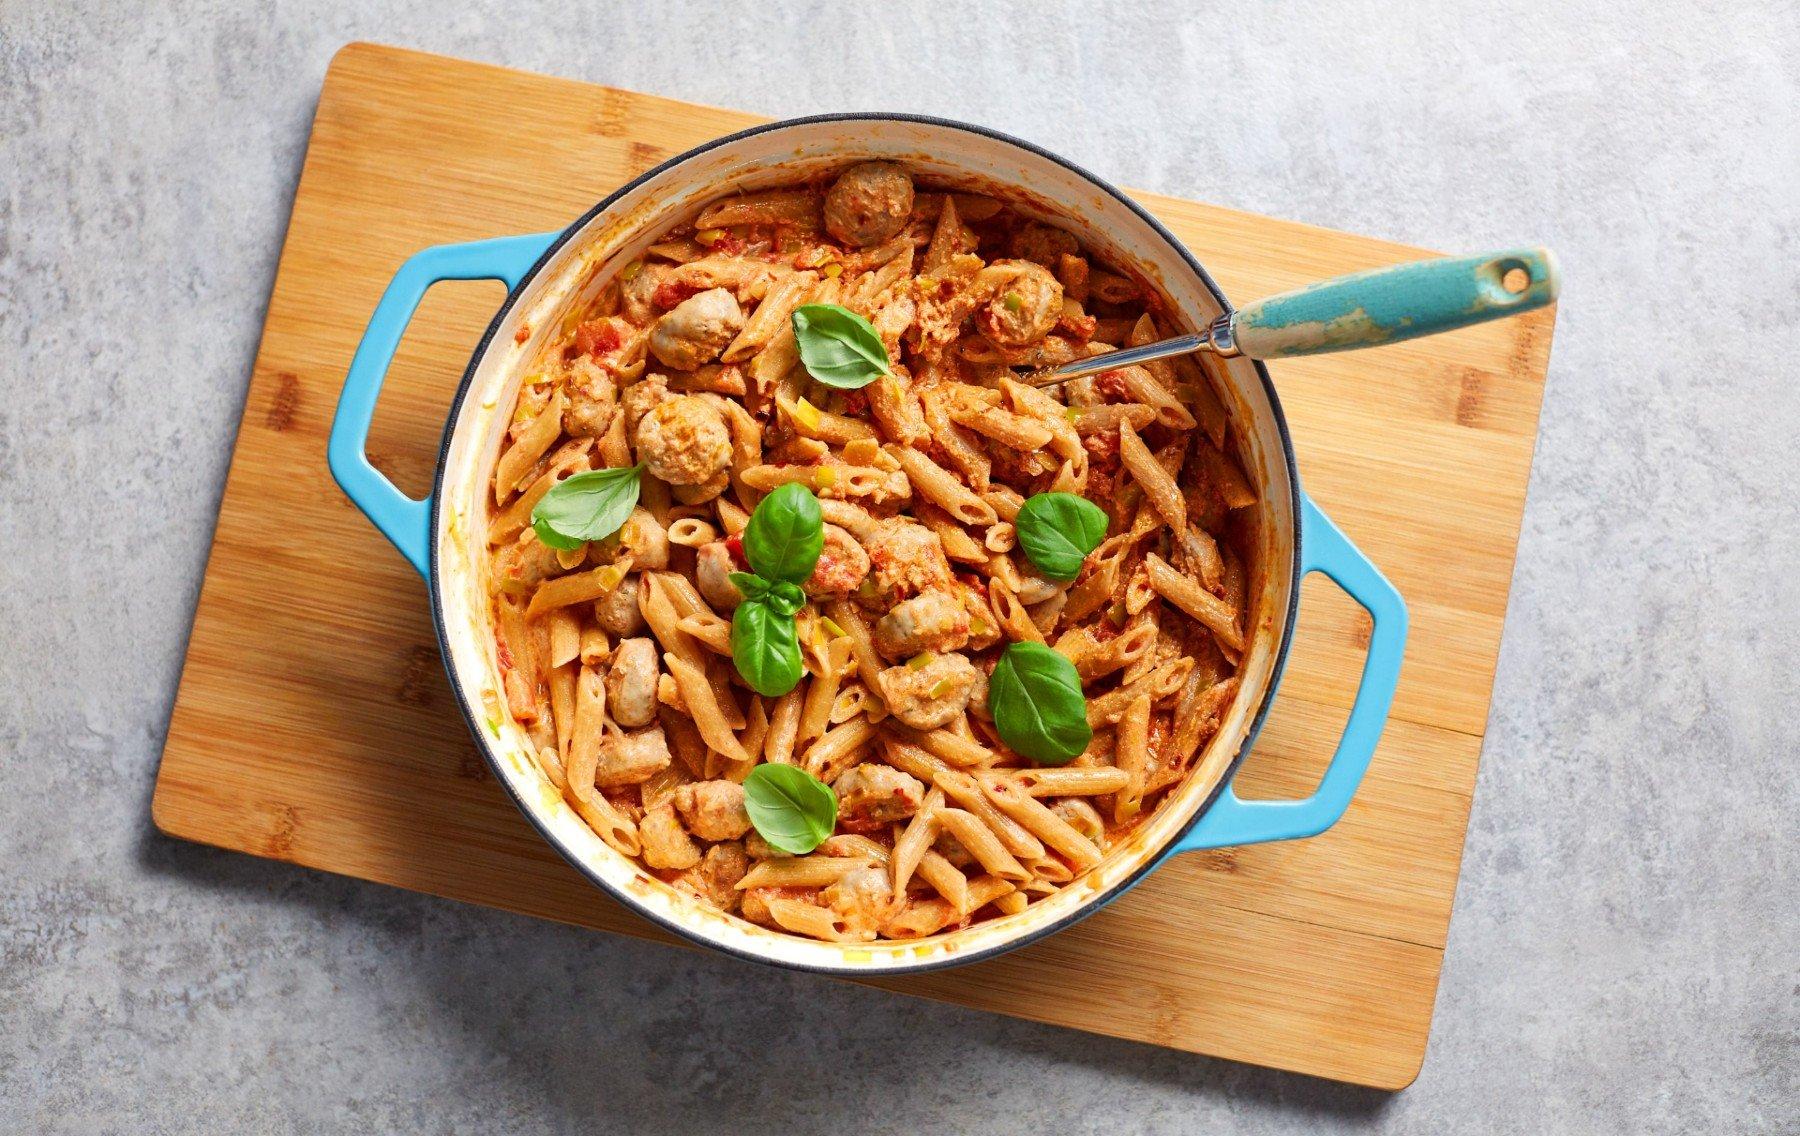 Healthy Pasta Recipes   Lean, Creamy Sausage Pasta Meal Prep